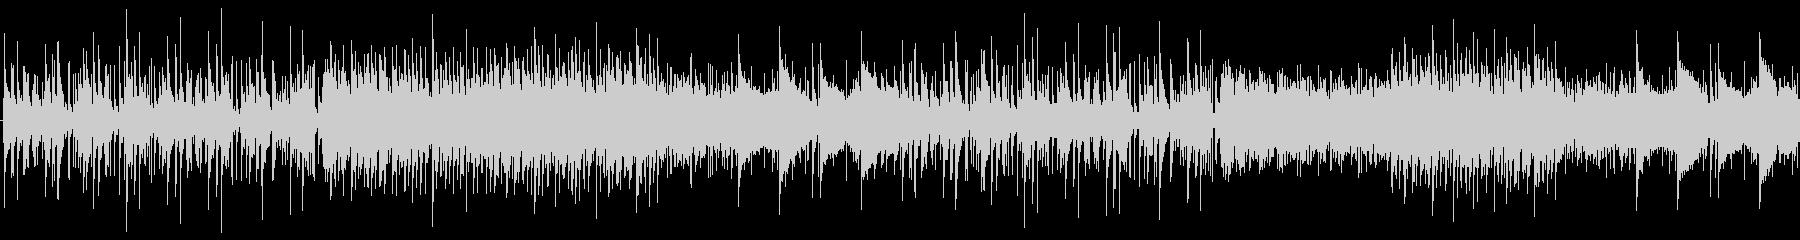 ピアノと和楽器を使ったアンビエントの未再生の波形